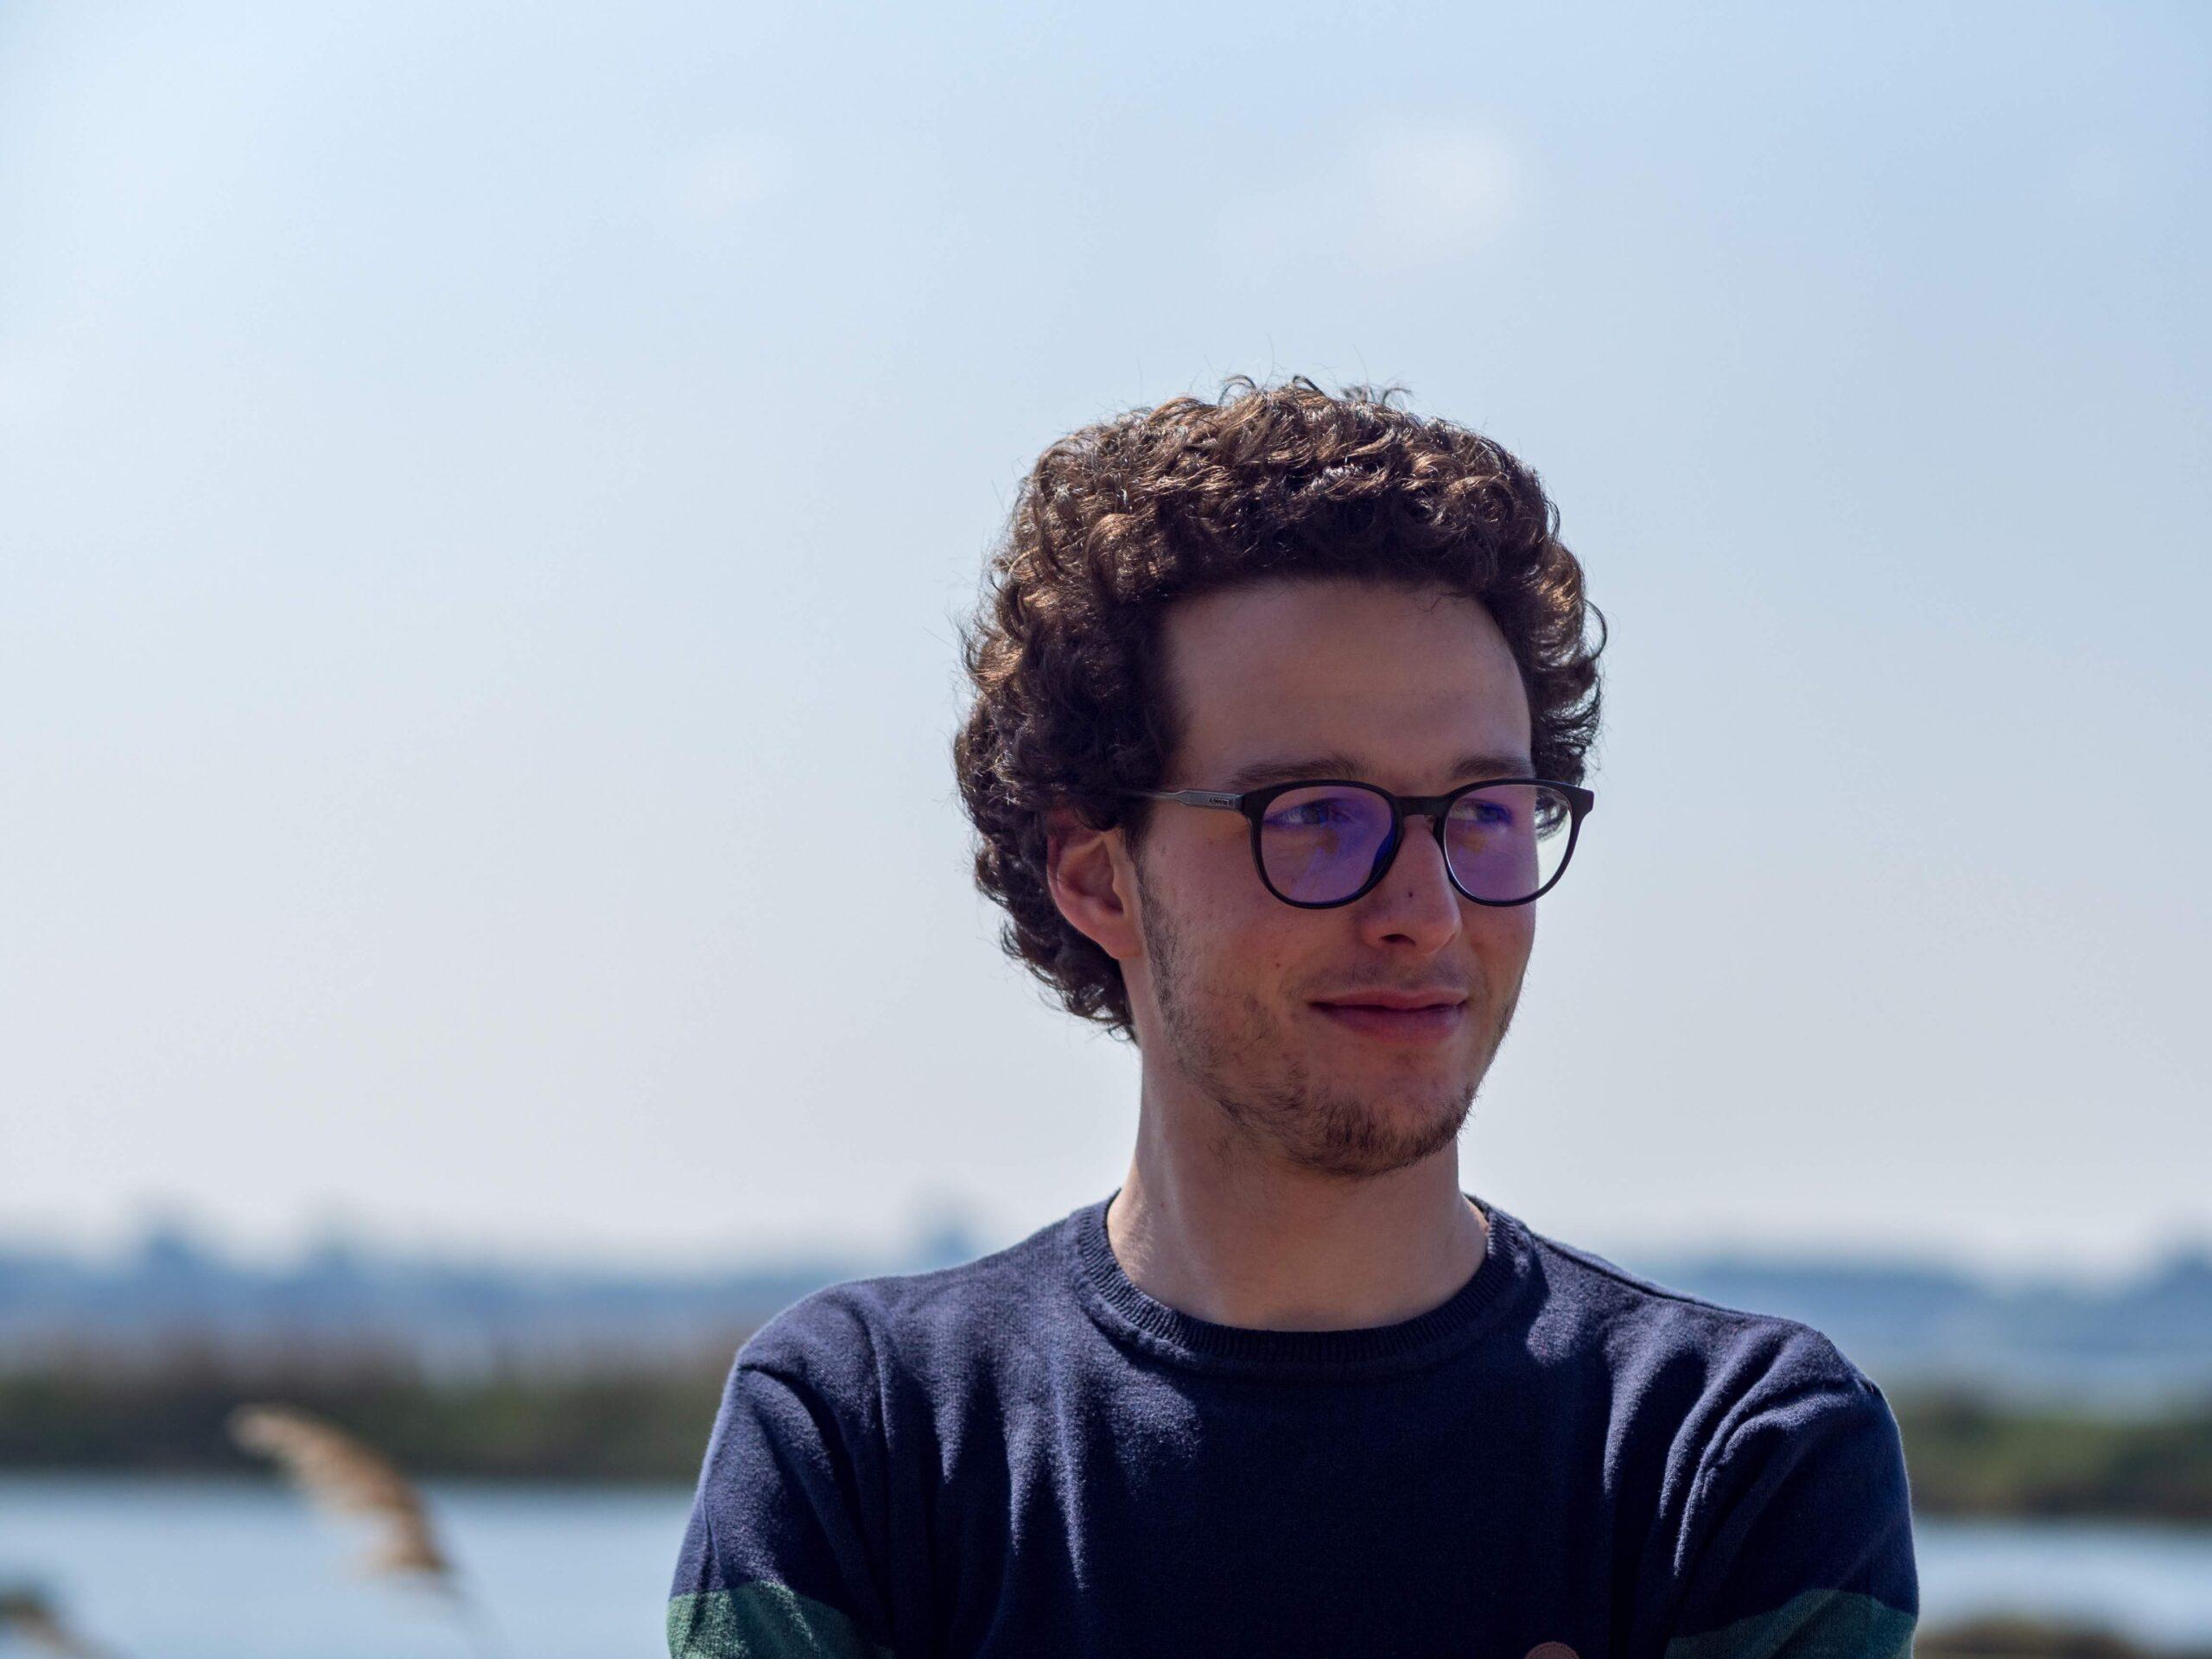 Covid-19: Jovem de Carregal do Sal cria plataforma para saber quais os serviços abertos no concelho